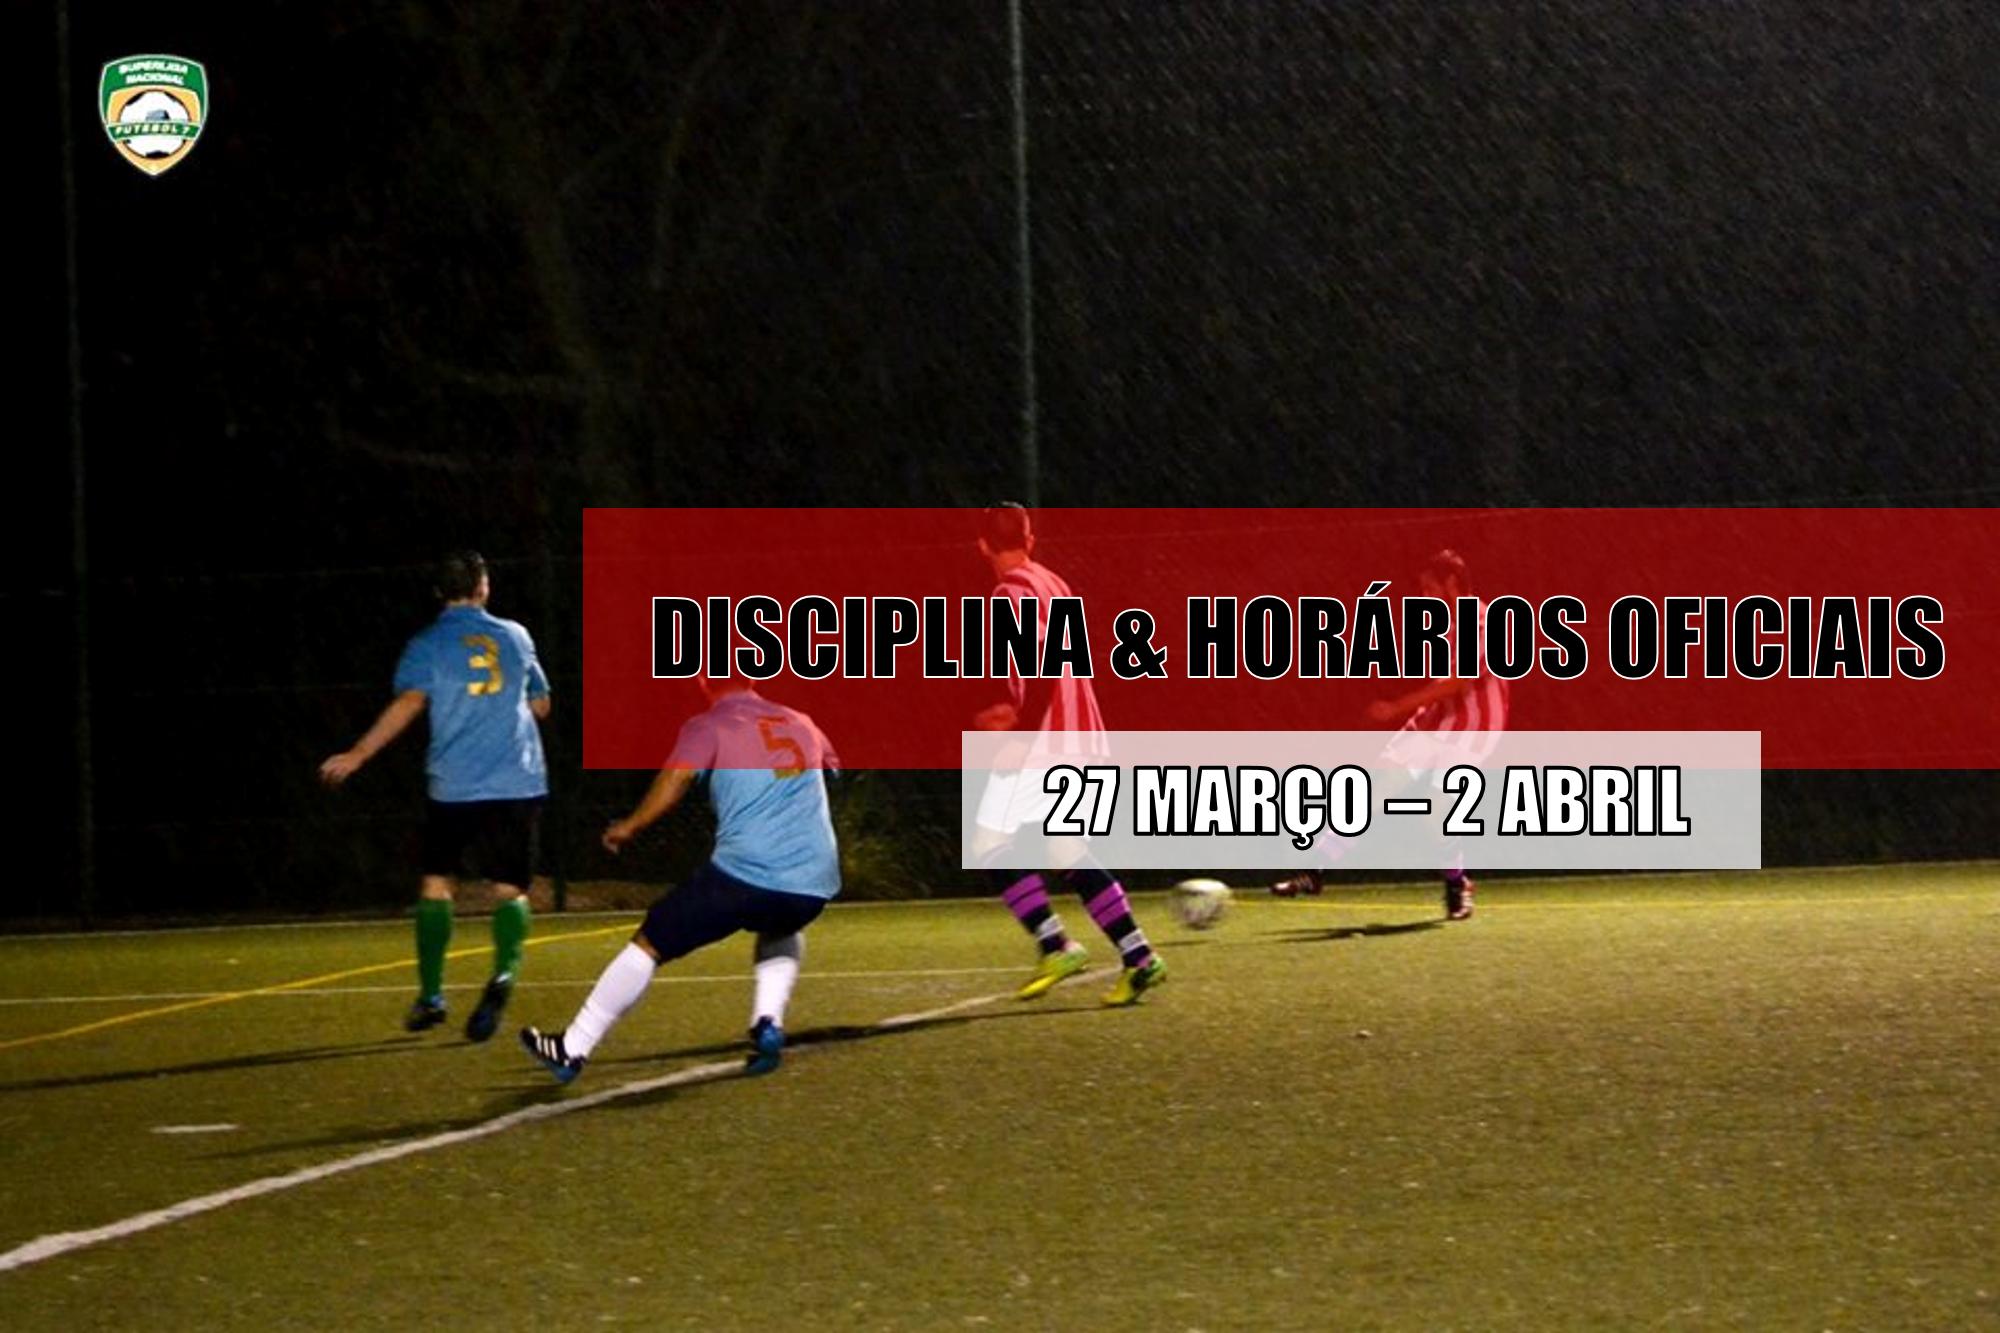 DISCIPLINA   HORÁRIOS OFICIAIS – 30 MARÇO  84baf09cb4690